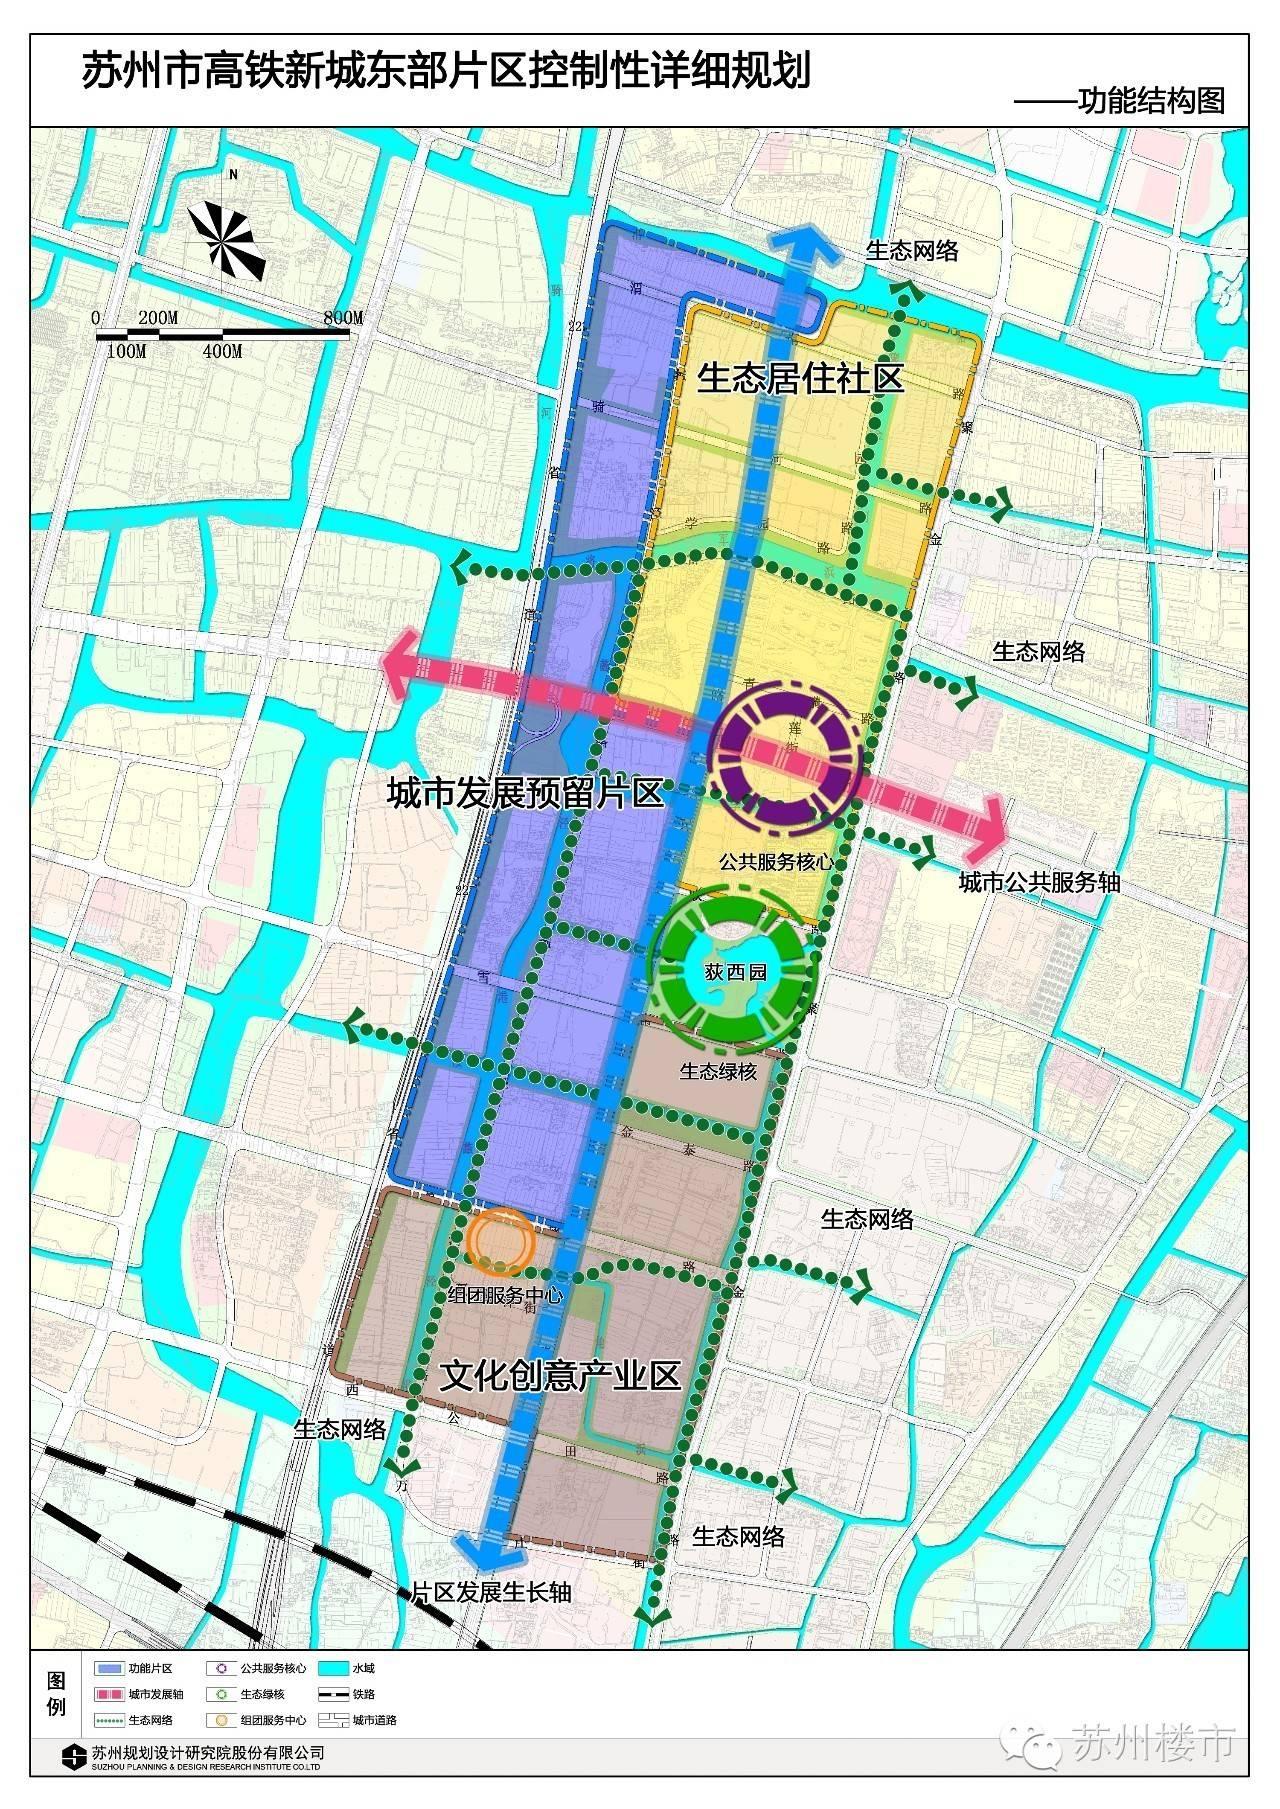 苏州高铁新城详细规划图片 苏州高铁新城详细规划图片大全 社会热点